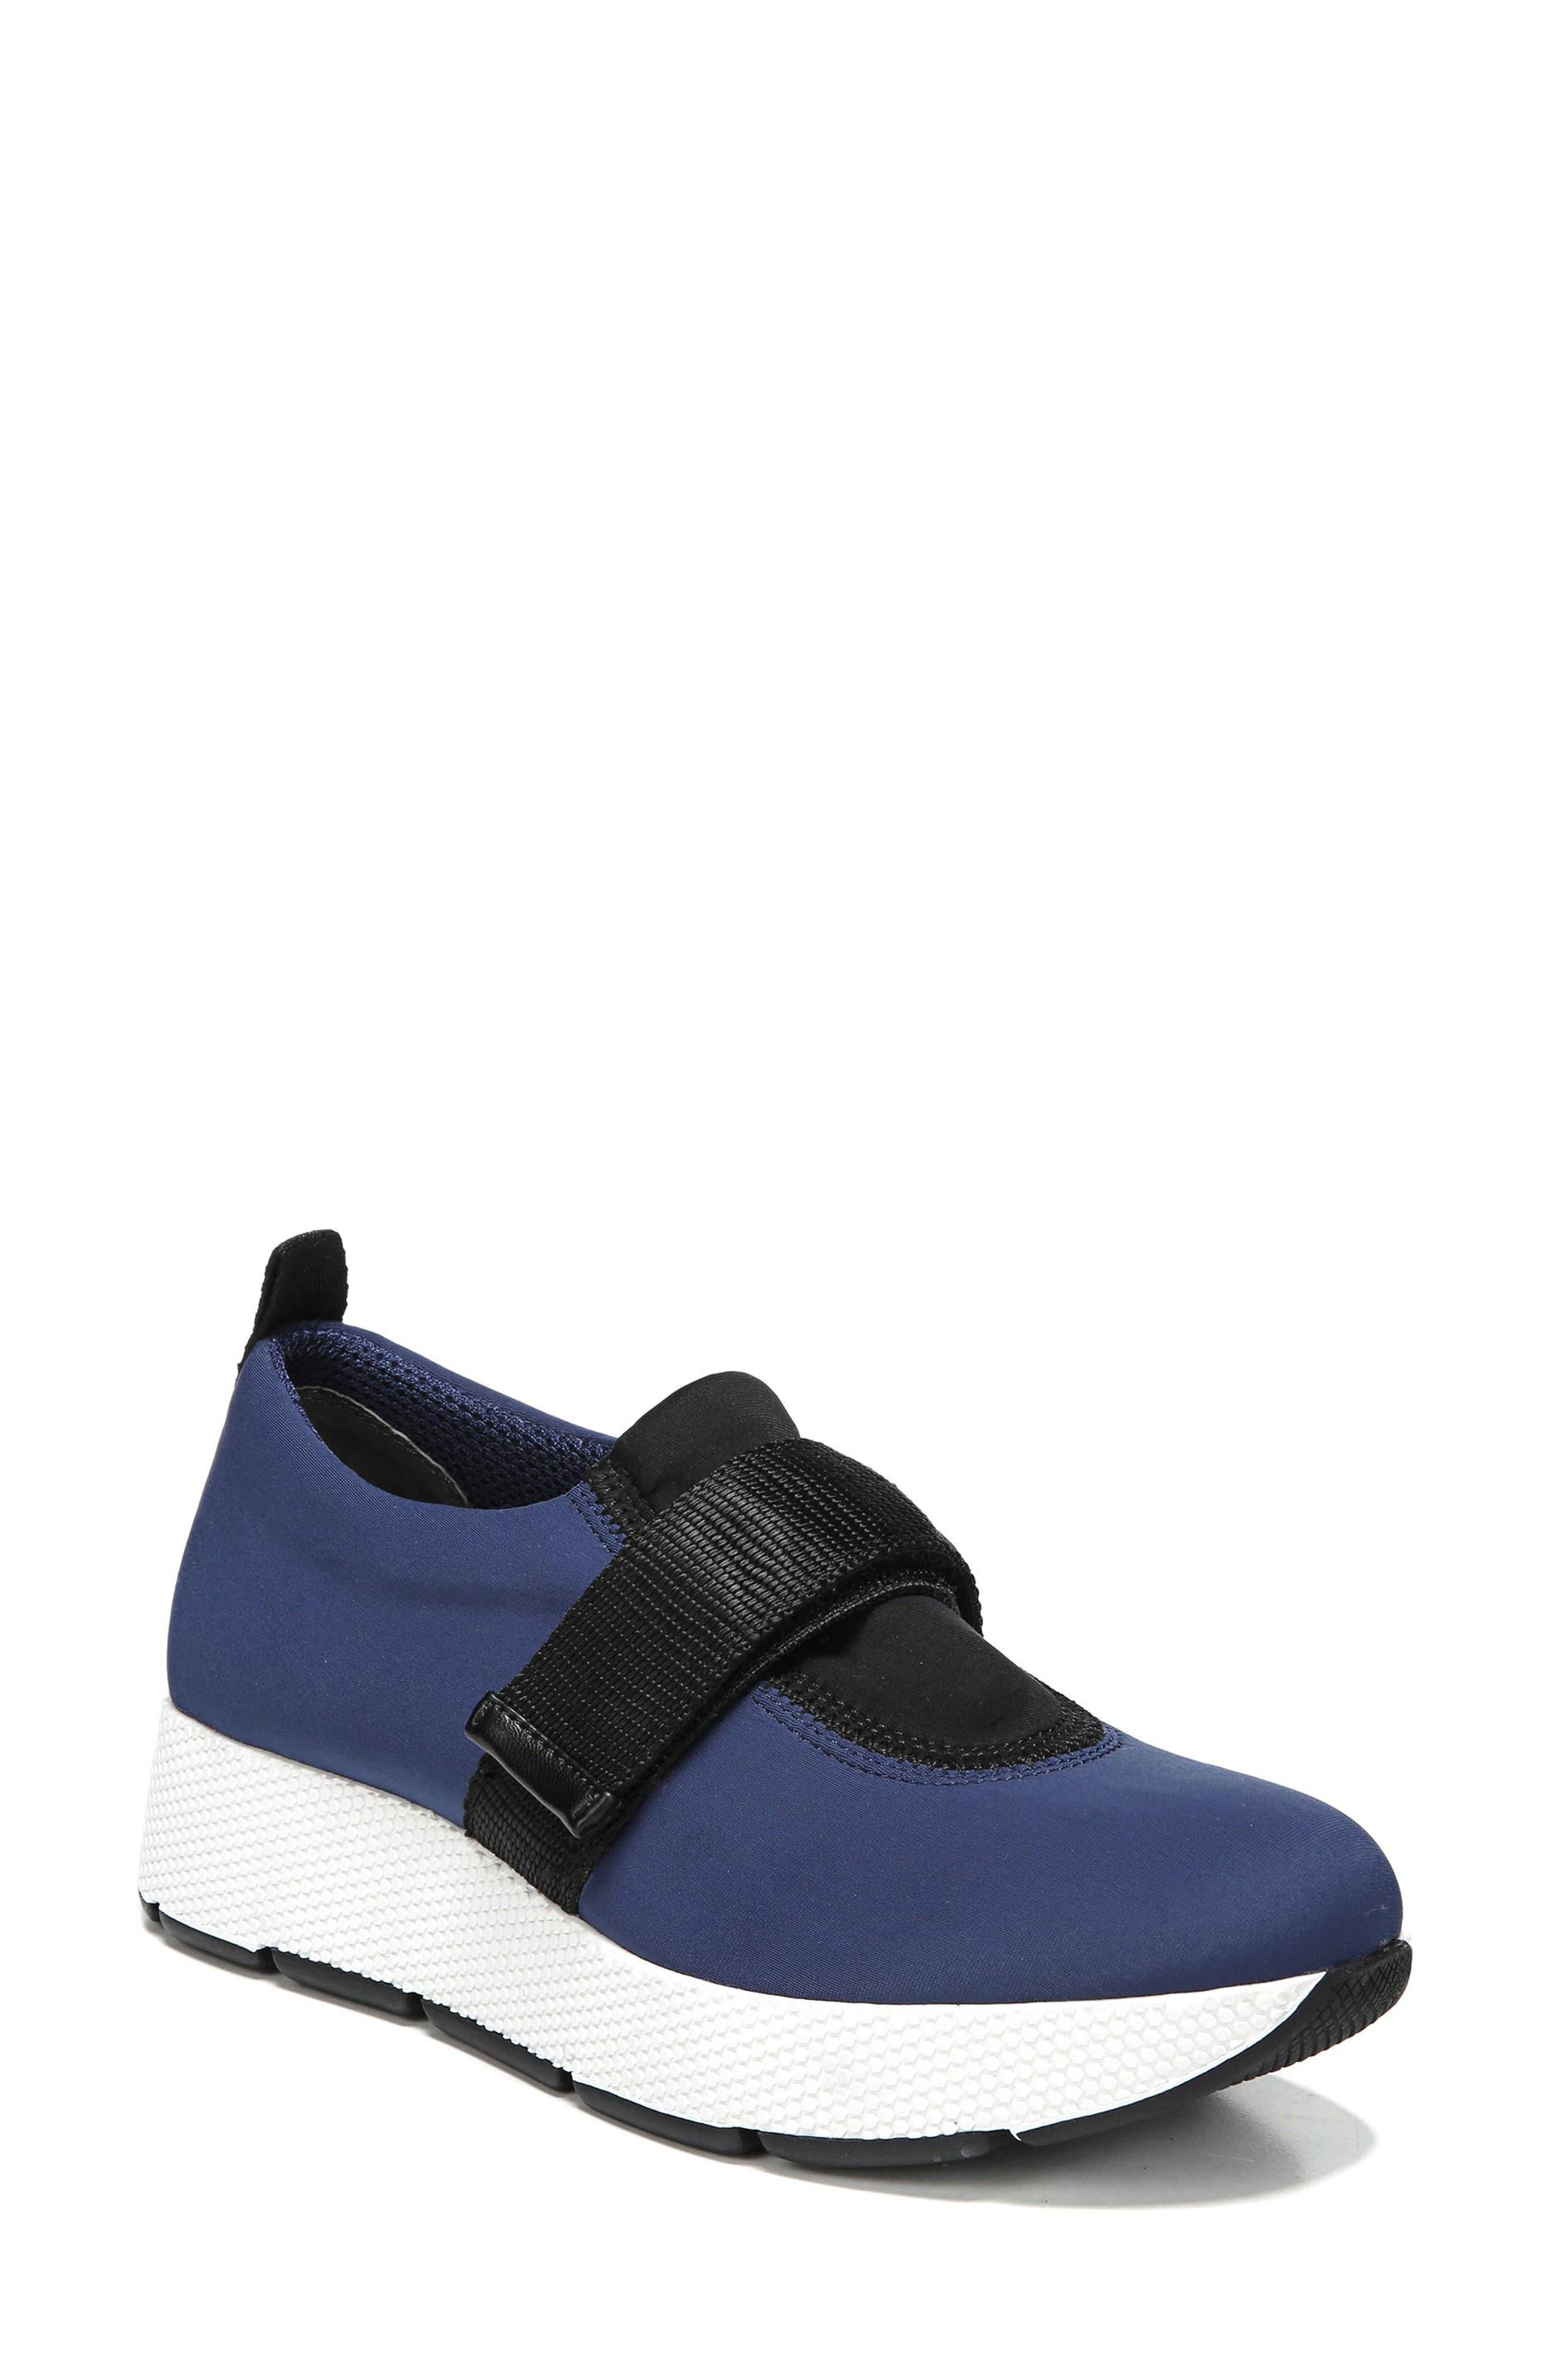 Odella Slip-On Sneaker,                             Main thumbnail 4, color,